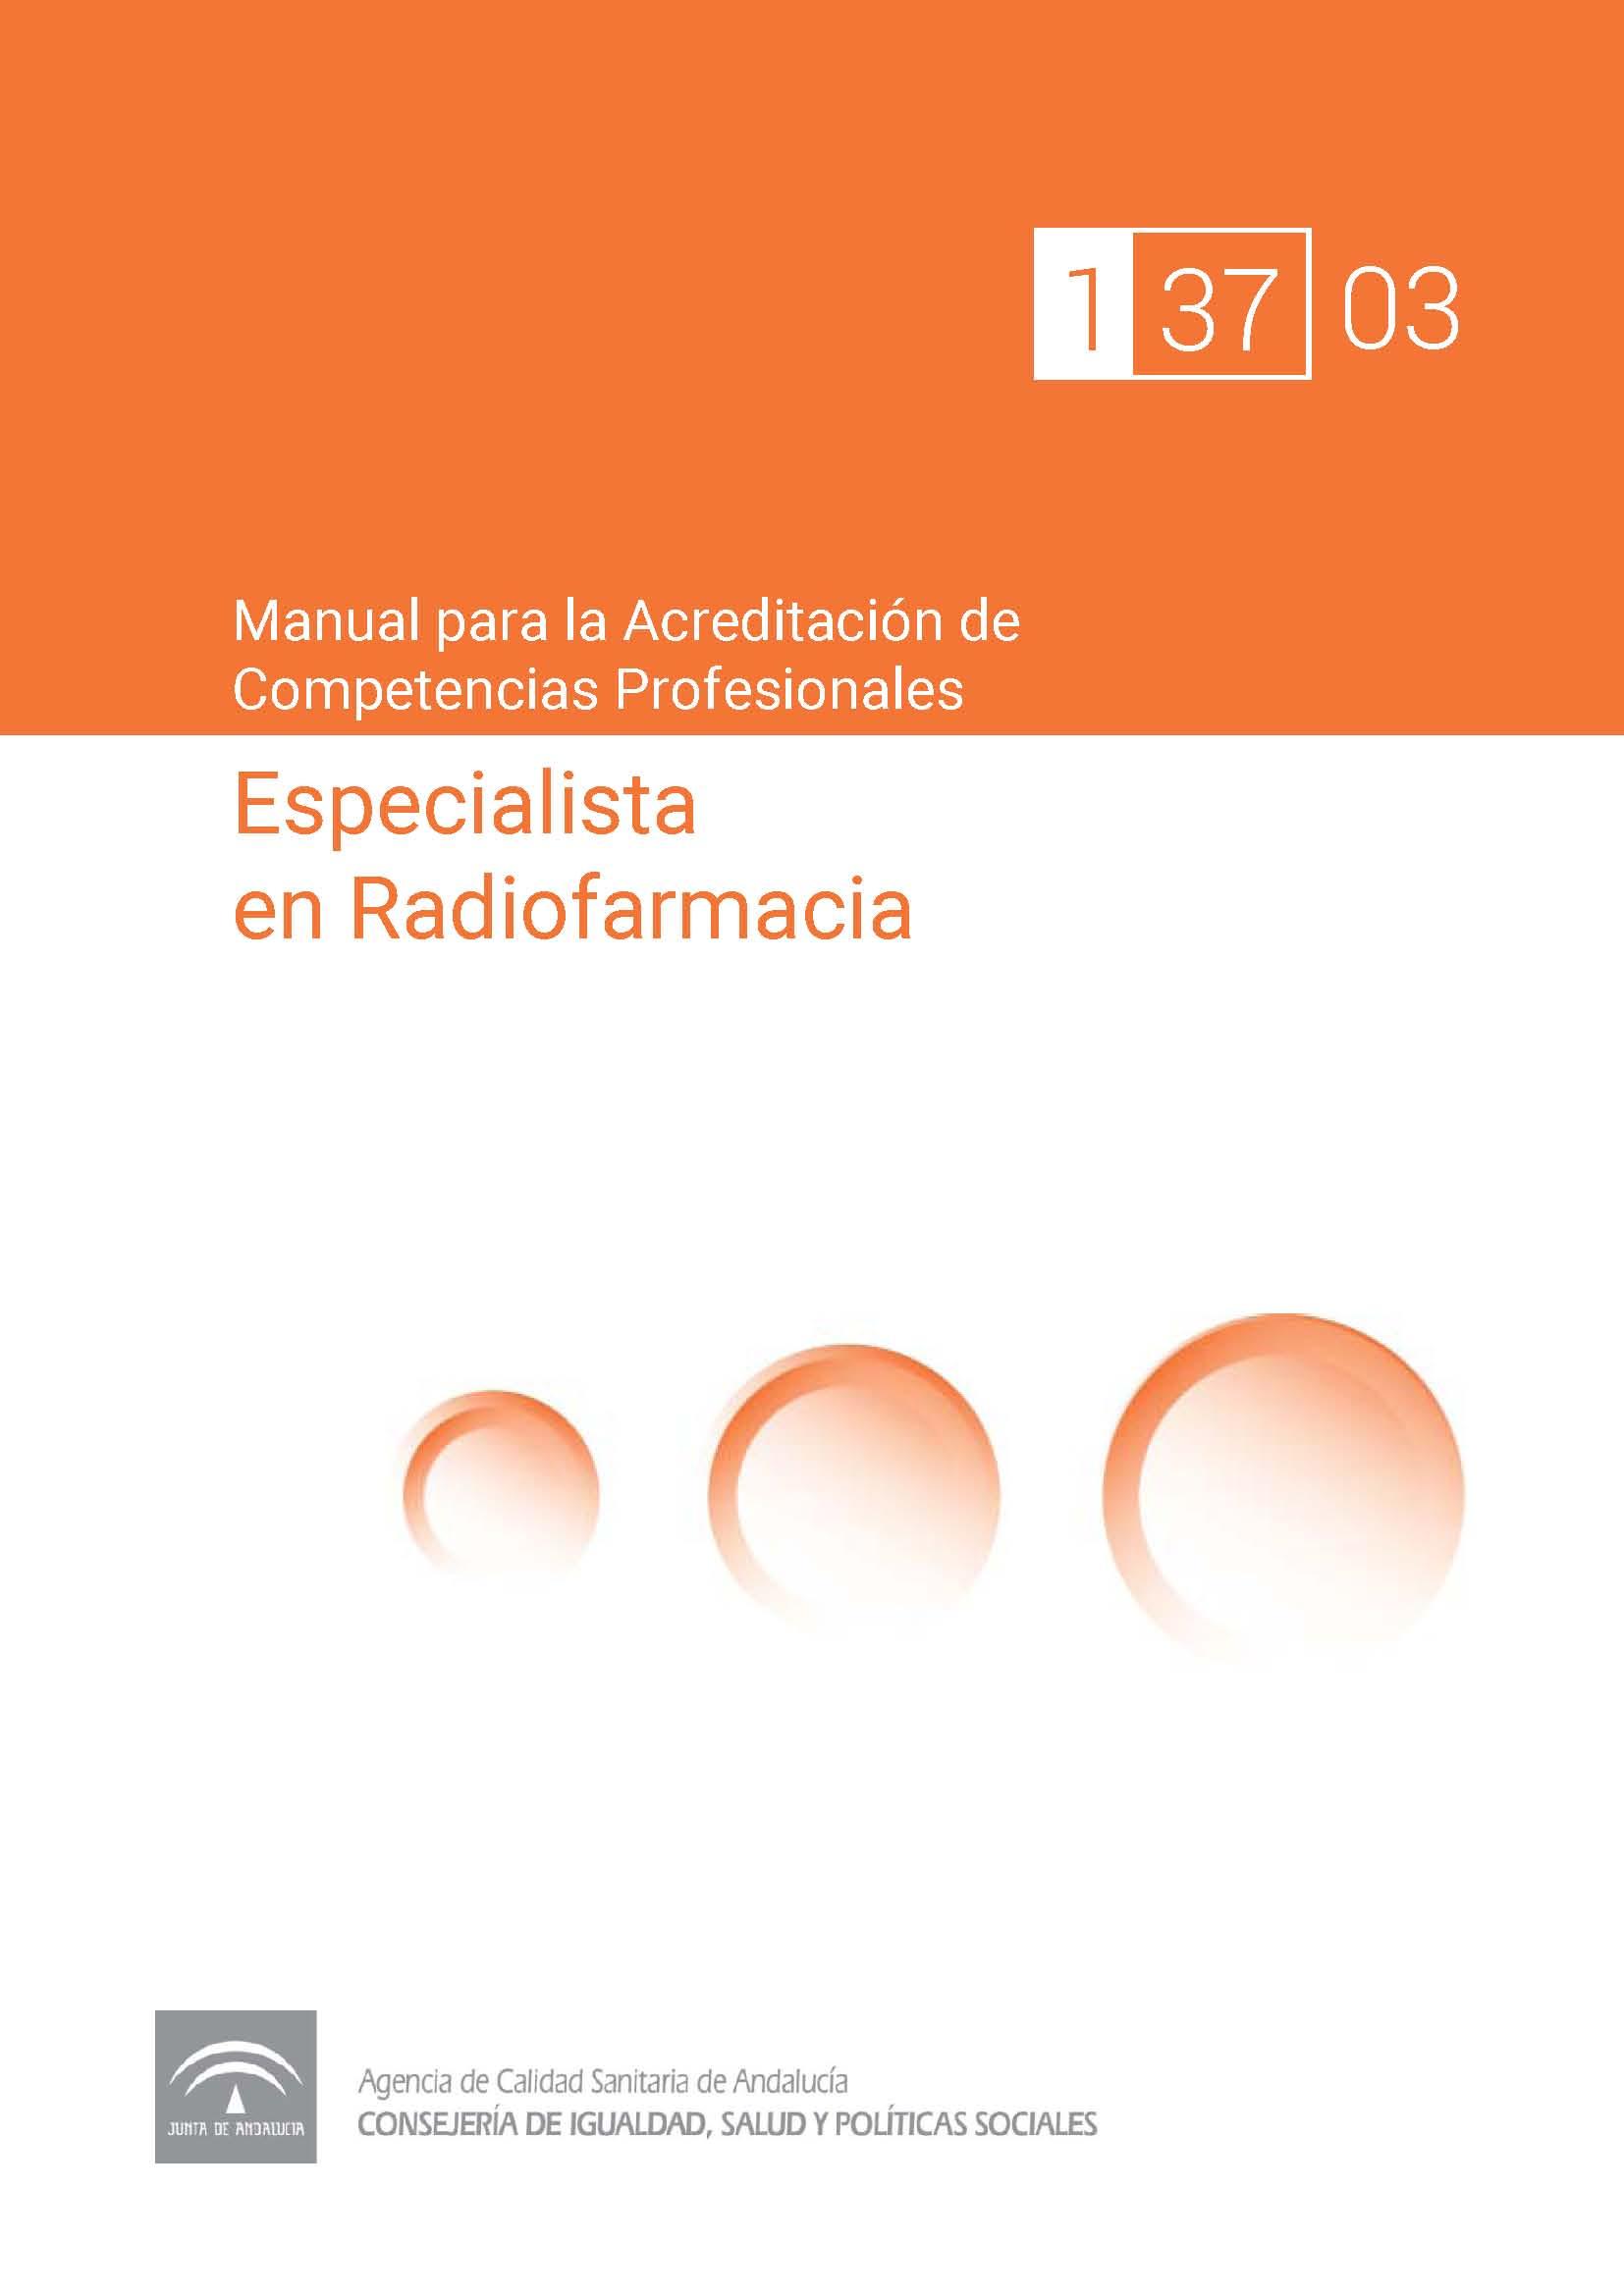 Manual de competencias profesionales del/de la Especialista en Radiofarmacia